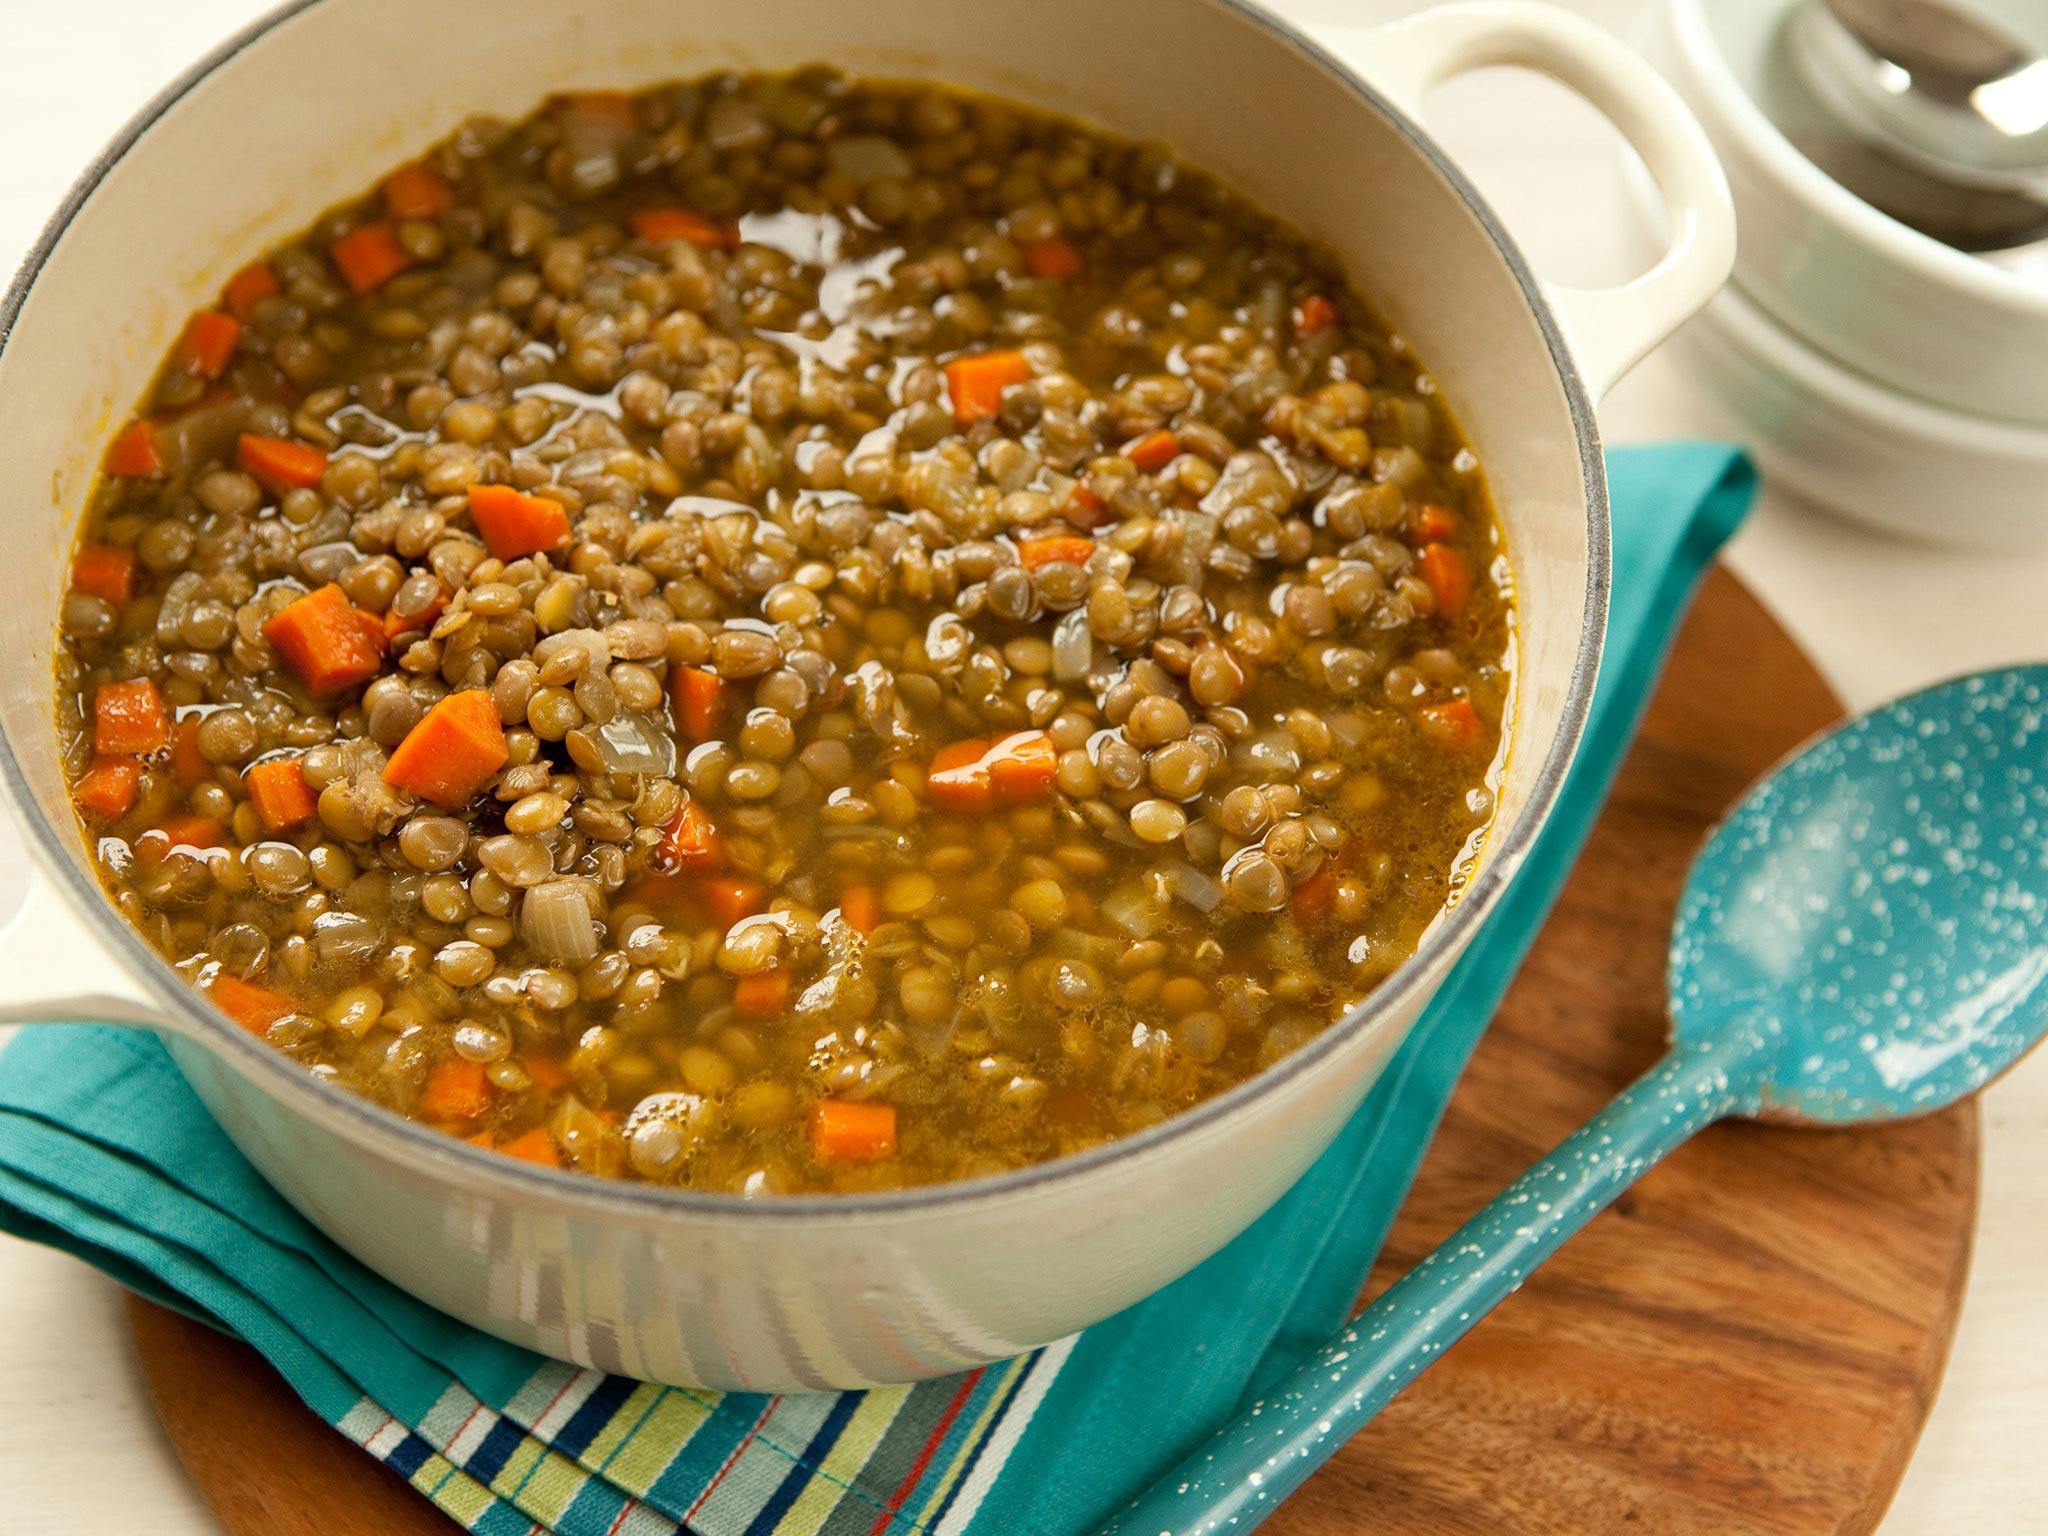 Hearty Lentil Soup | Whole Foods Market